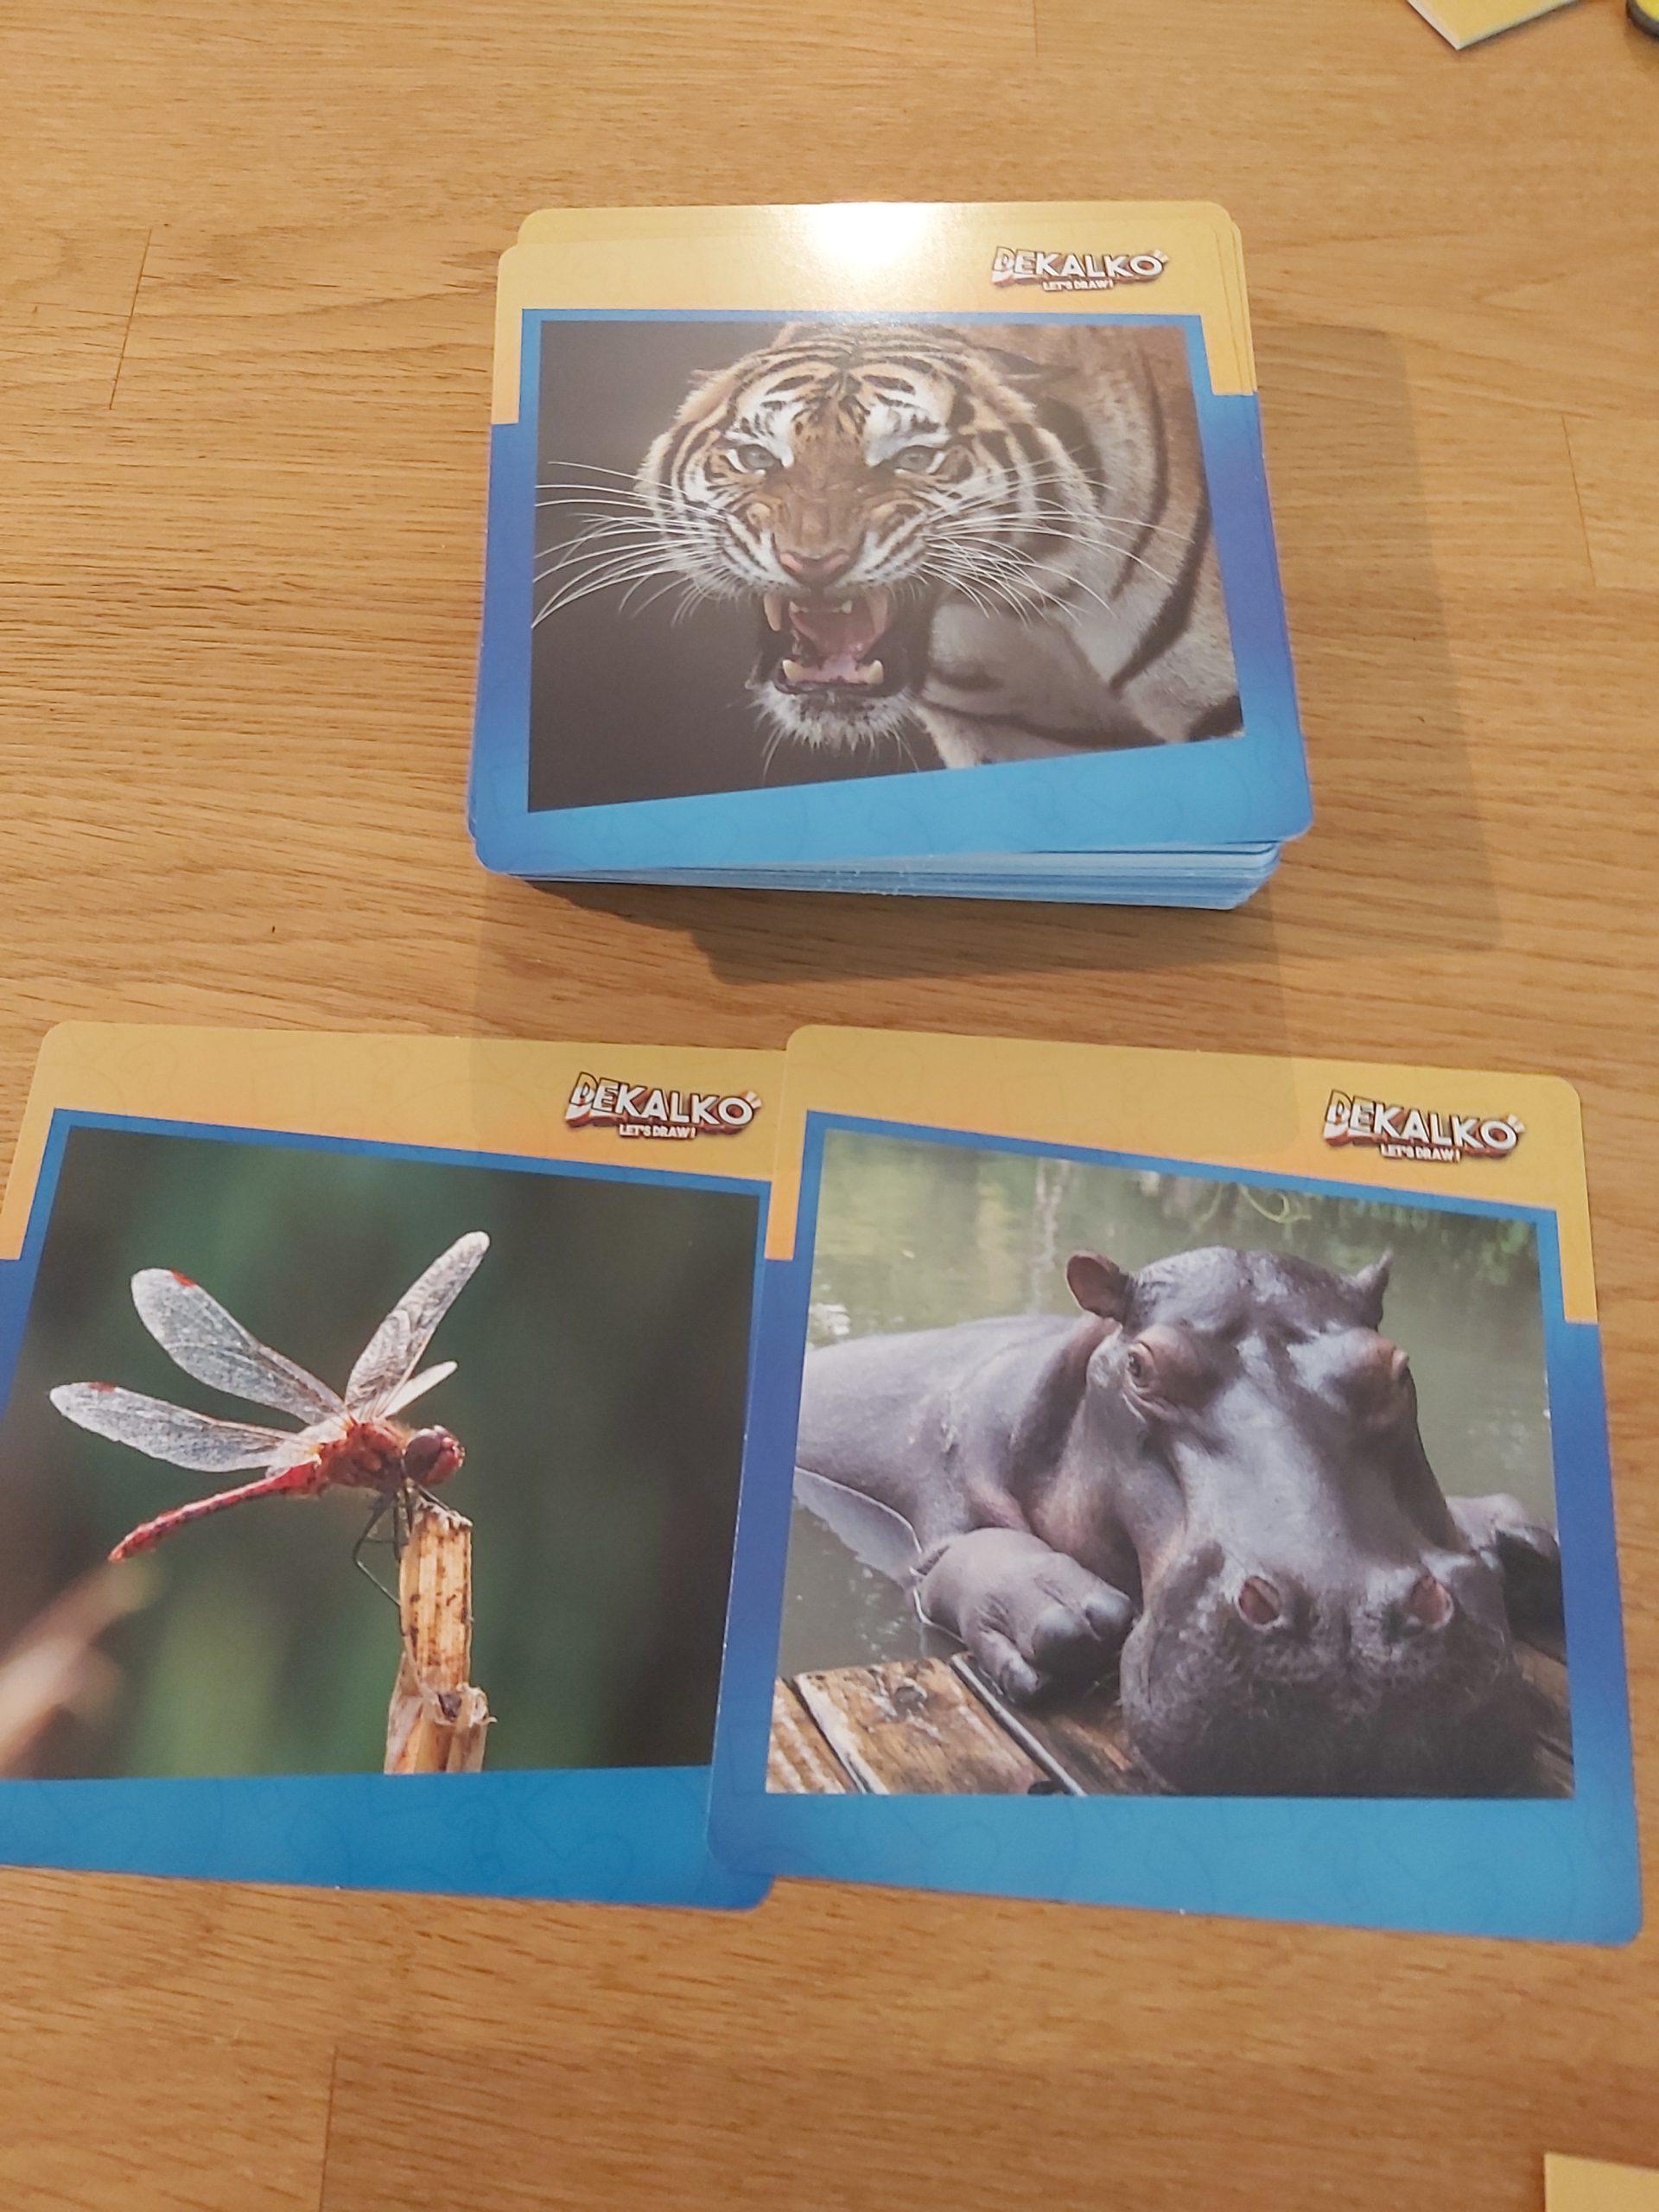 Zu sehen sind die Bildkarten von Dekalko.